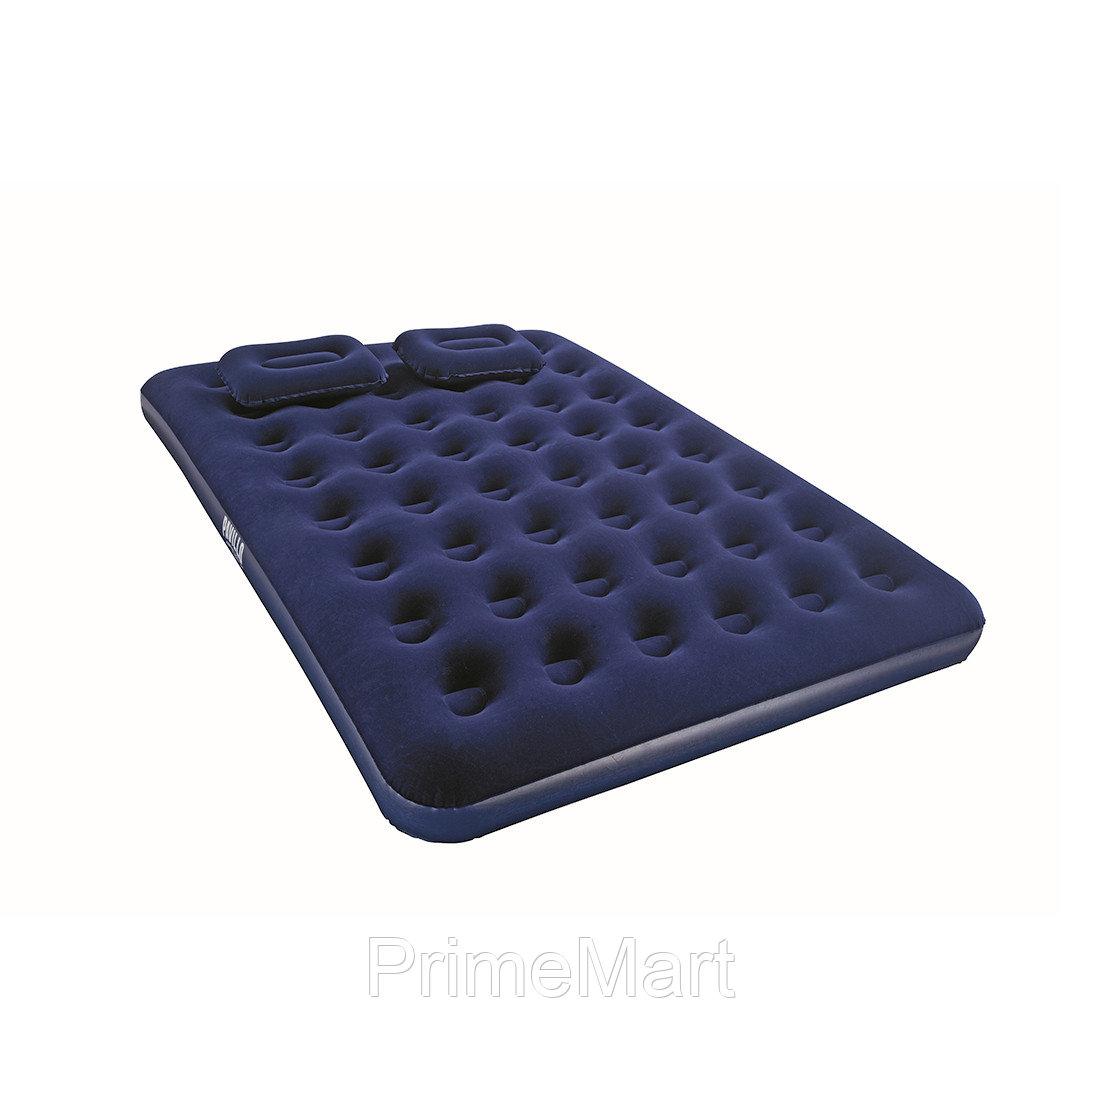 Матрас надувной Pavillo Aeroluxe Airbed (Queen) 203 х 152 х 22 см, BESTWAY, 67374, Винил, Насос 62002, 2 подушки, Флокированый верх, Синий, Цветная